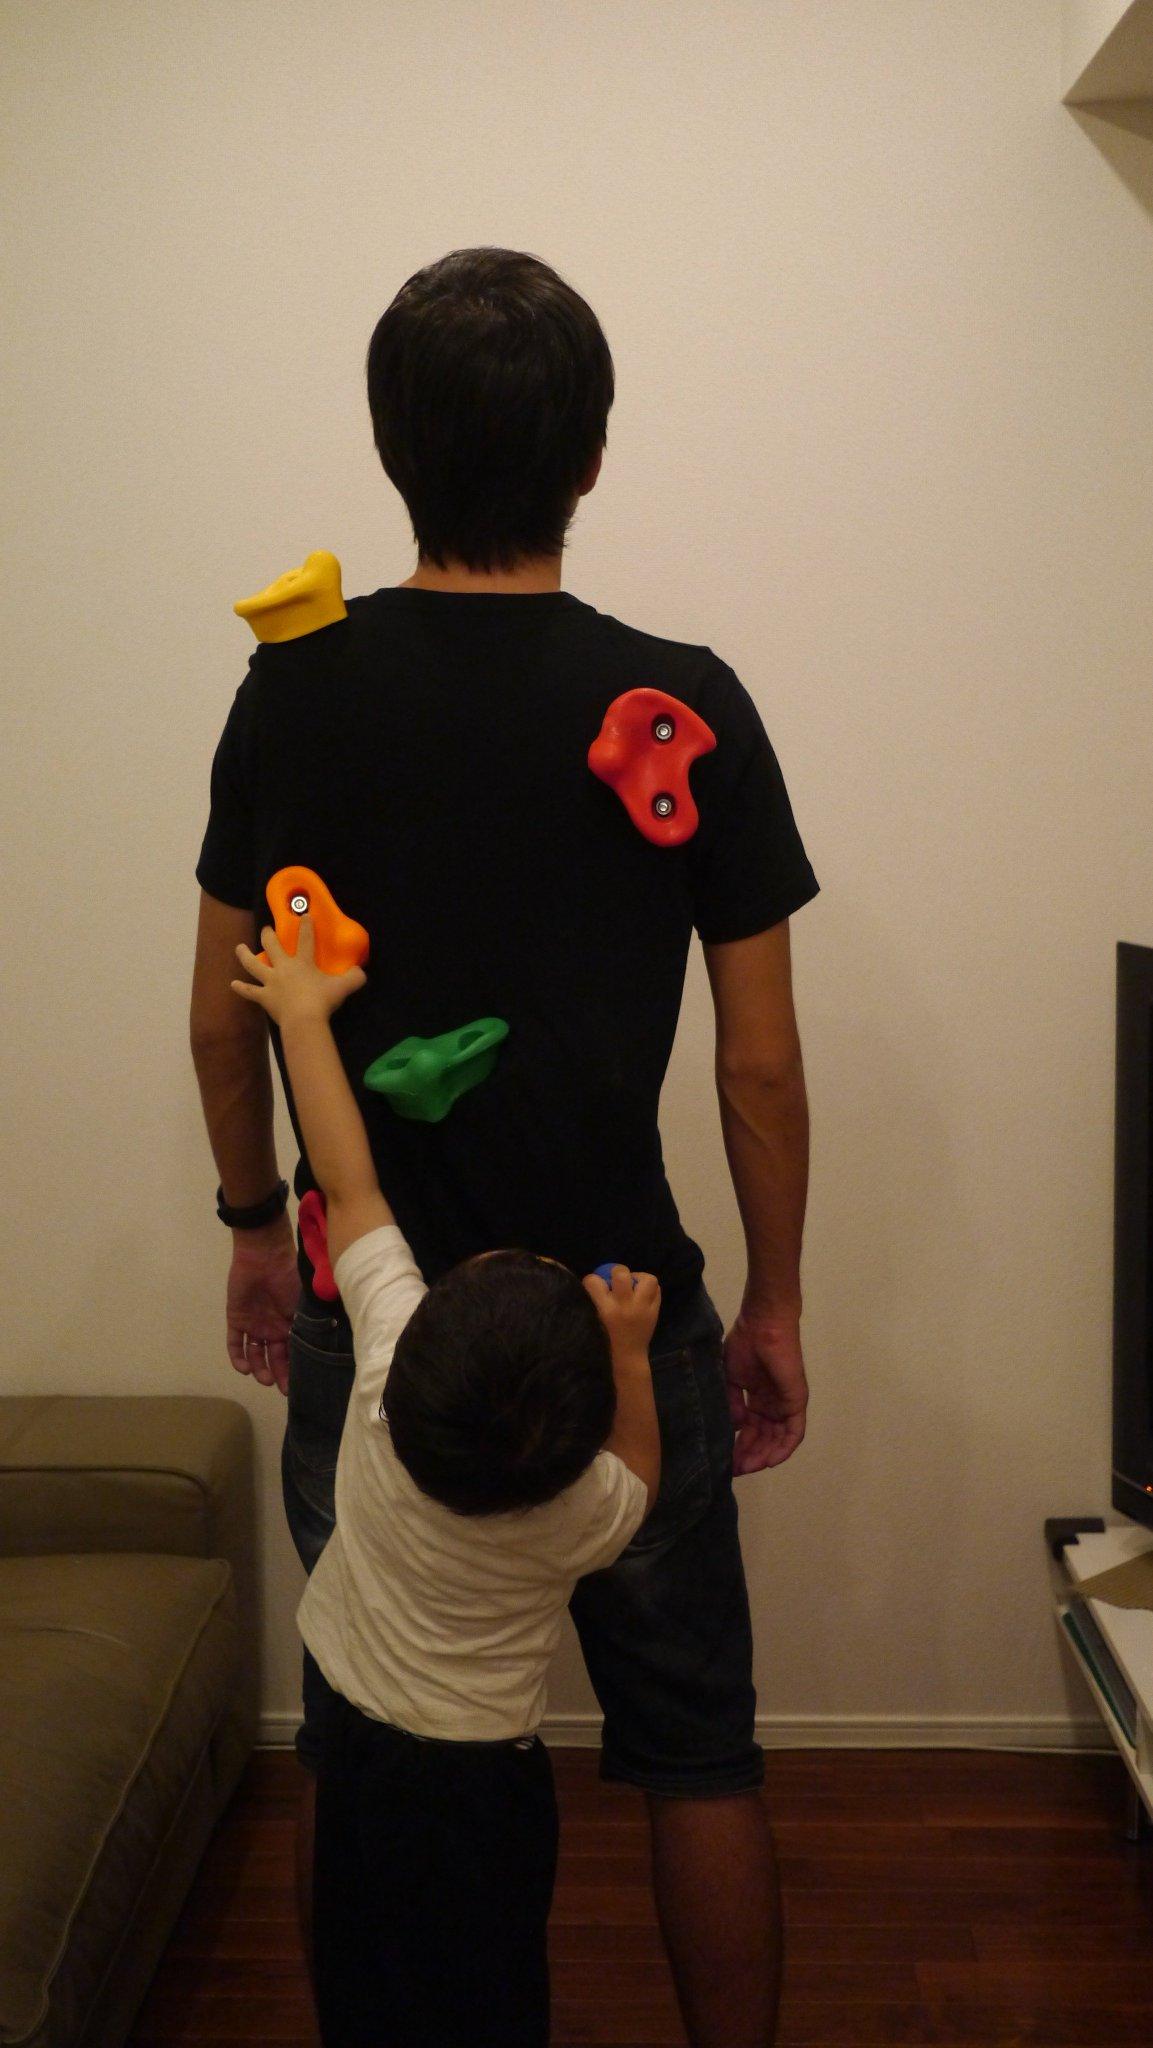 子供が勝手にボルダリング→おんぶができるTシャツを作っちゃった人w